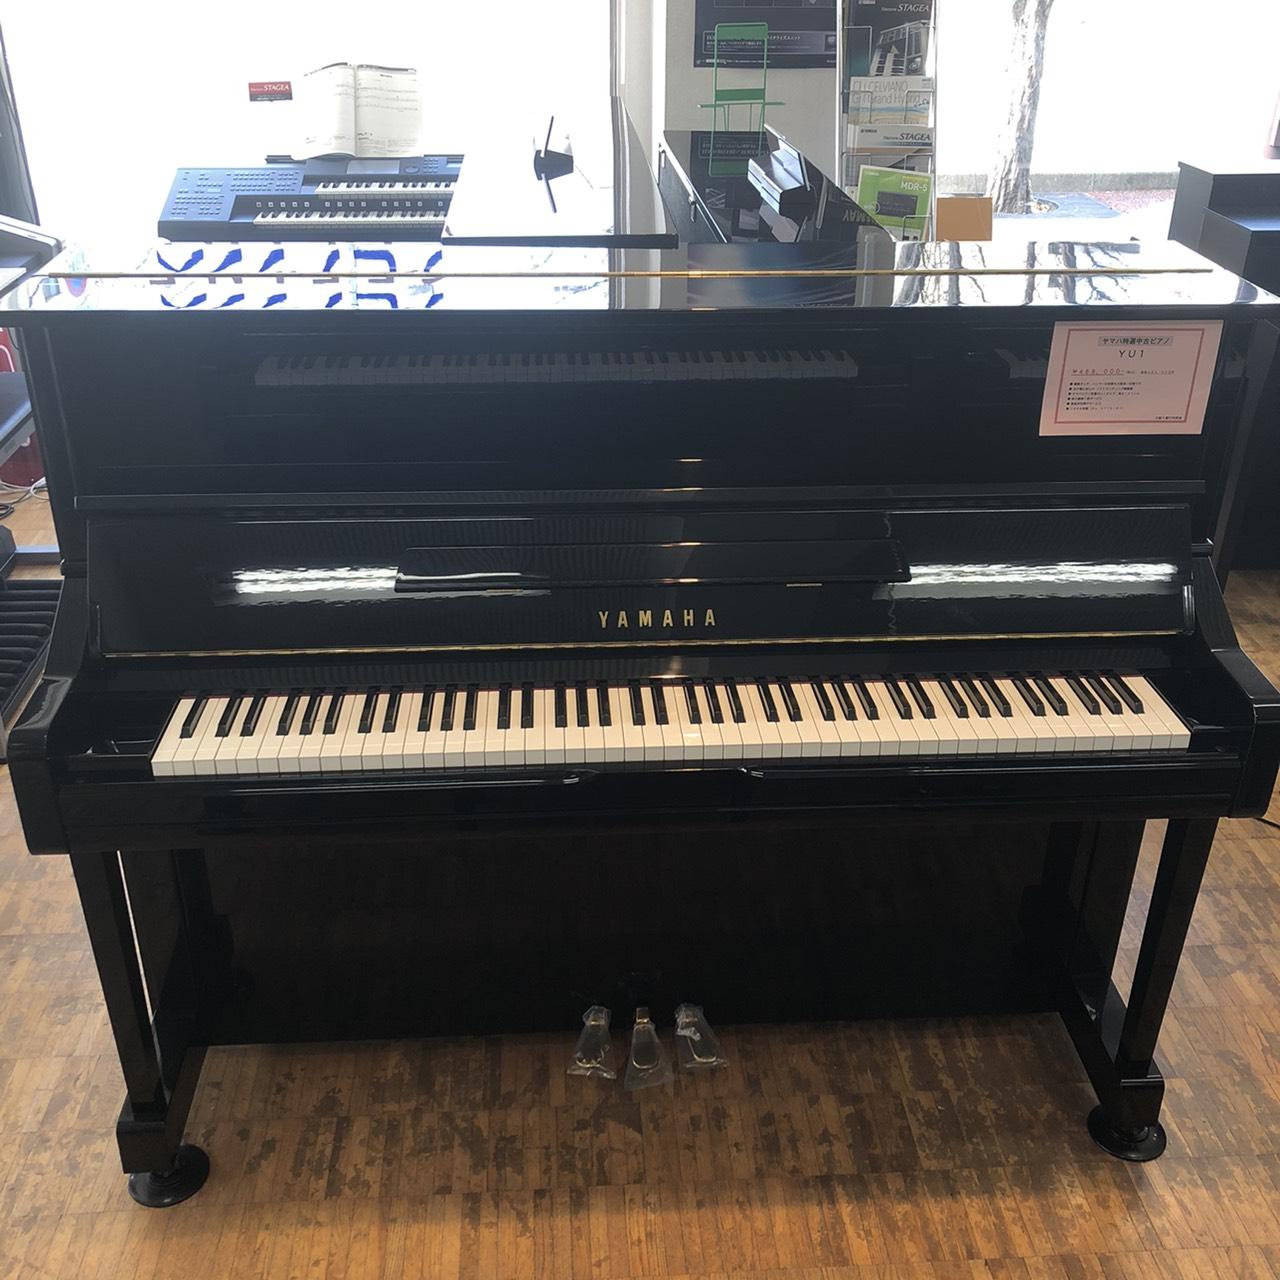 ヤマハ中古アップライトピアノ YU1